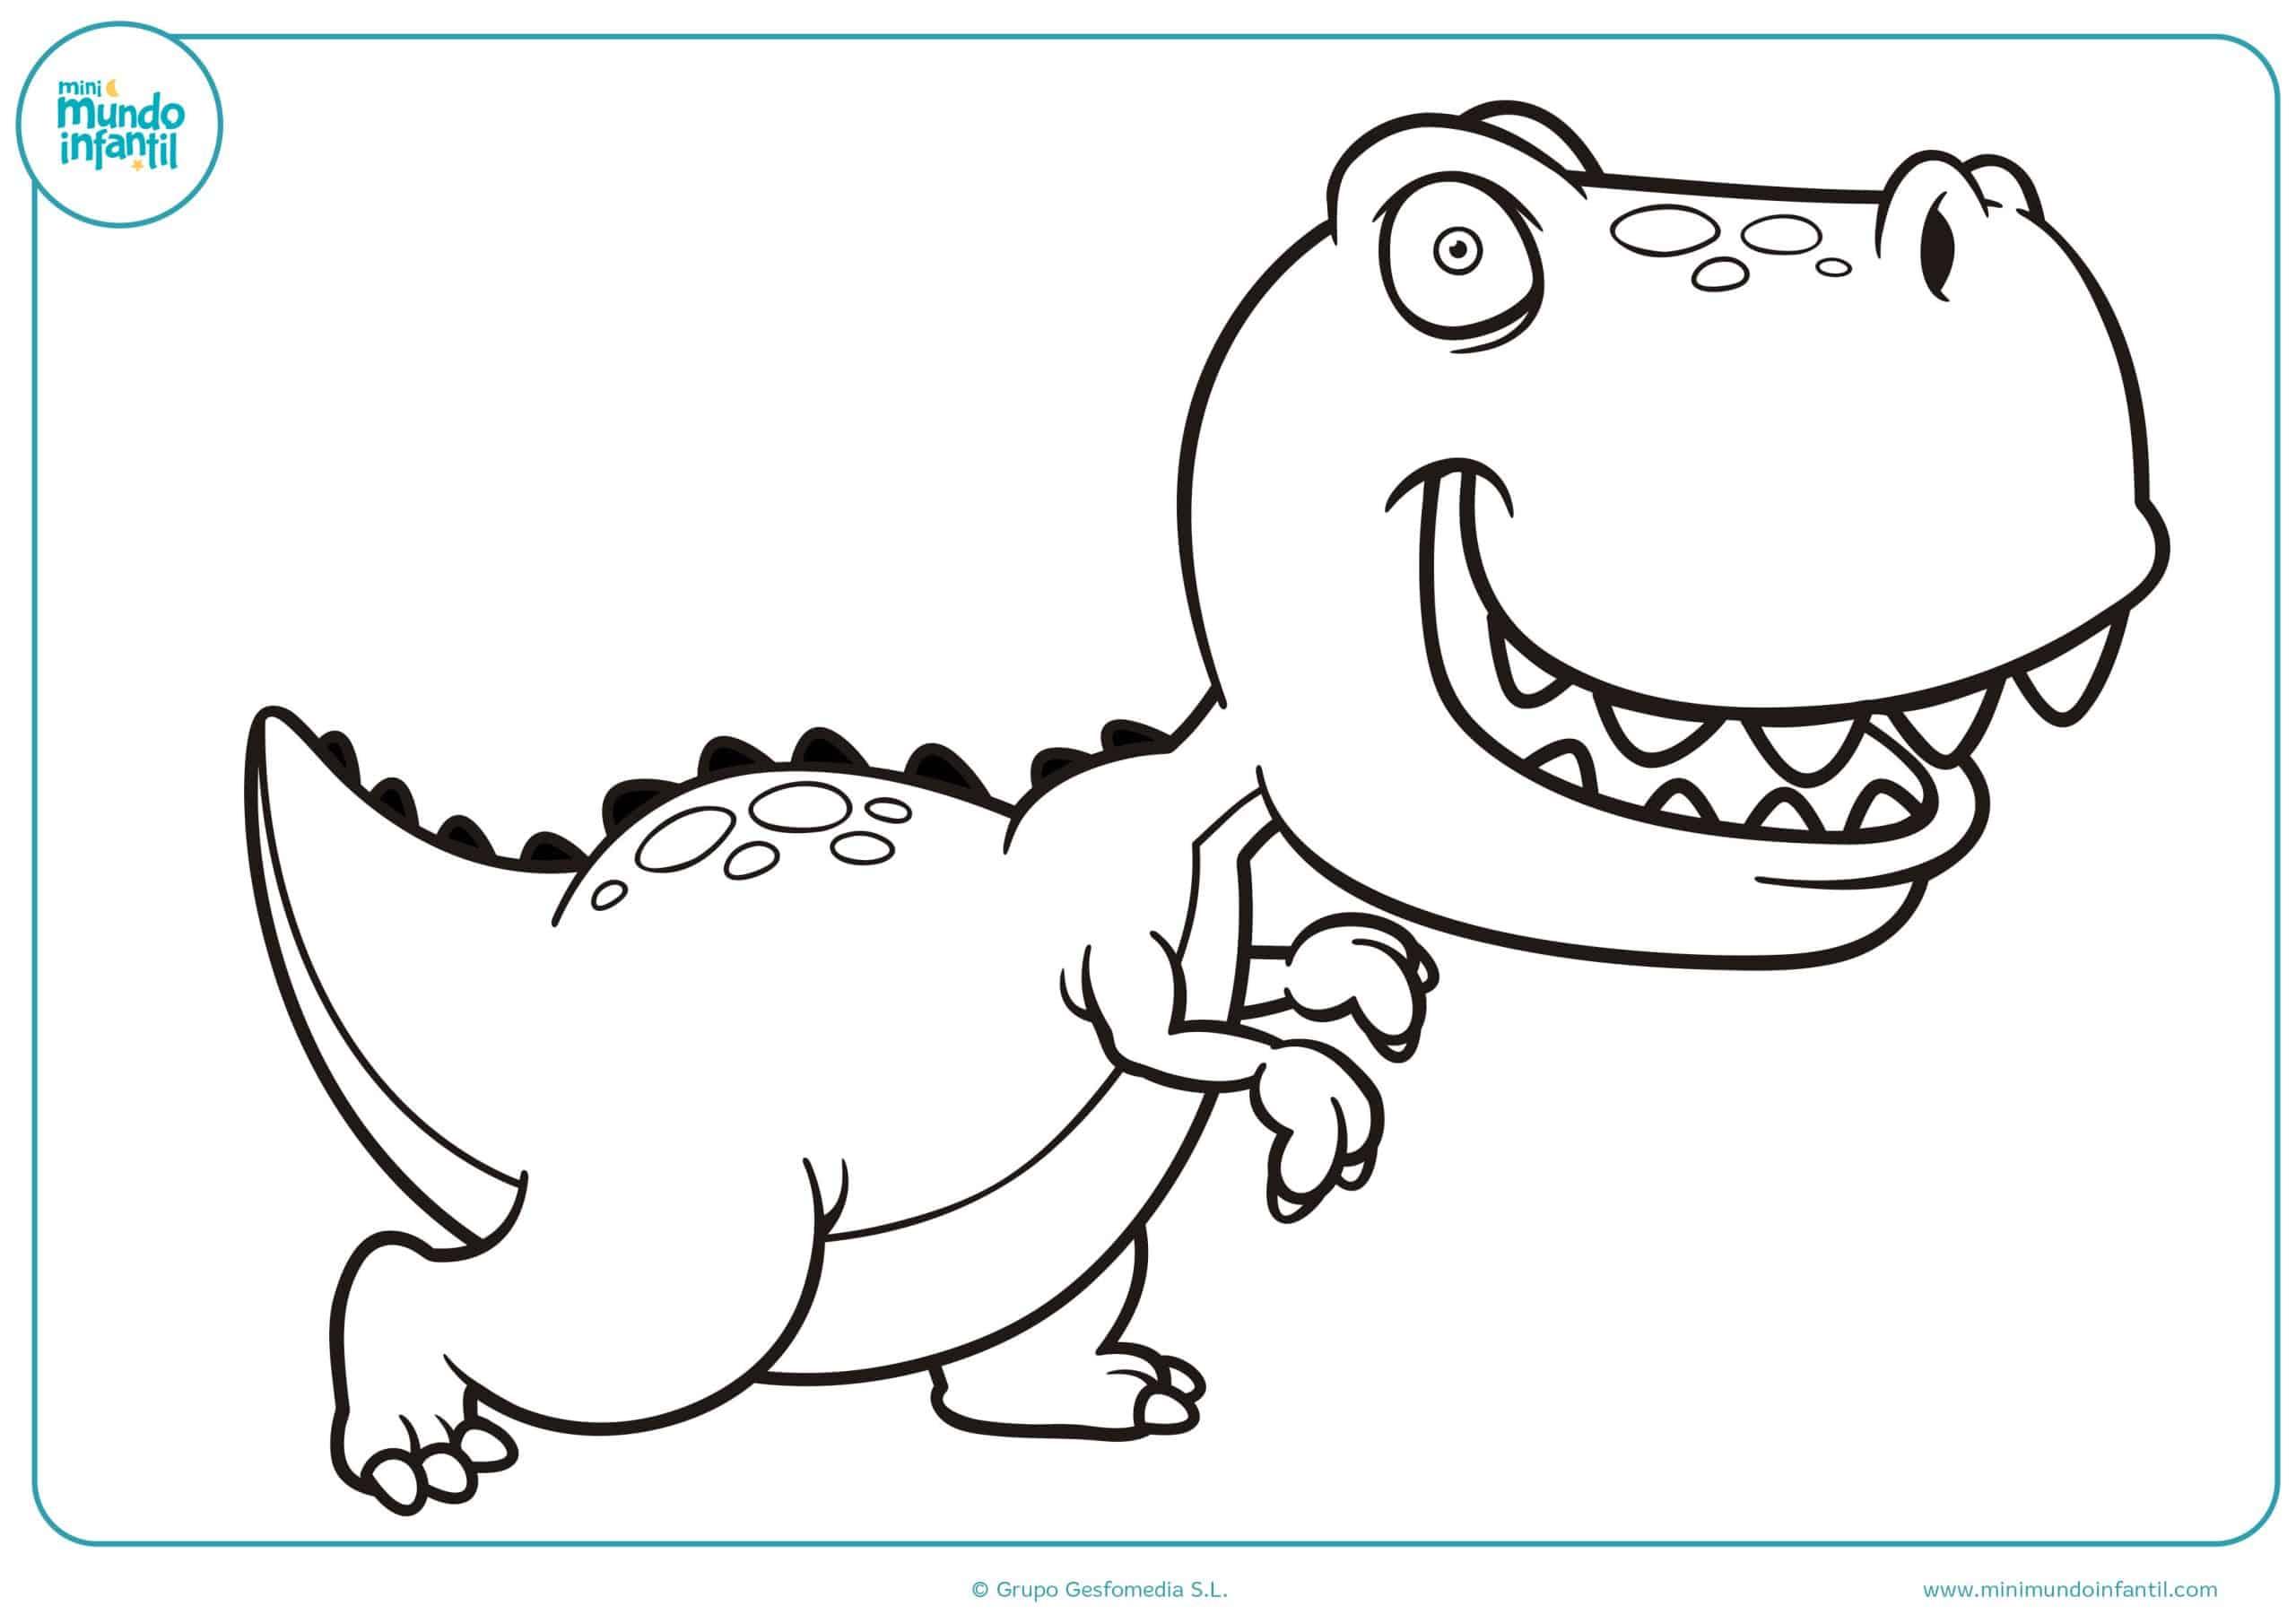 Dibujos De Dinosaurios Para Colorear Imprimir Y Pintar Por ello, imprime este dibujo y luego. dibujos de dinosaurios para colorear